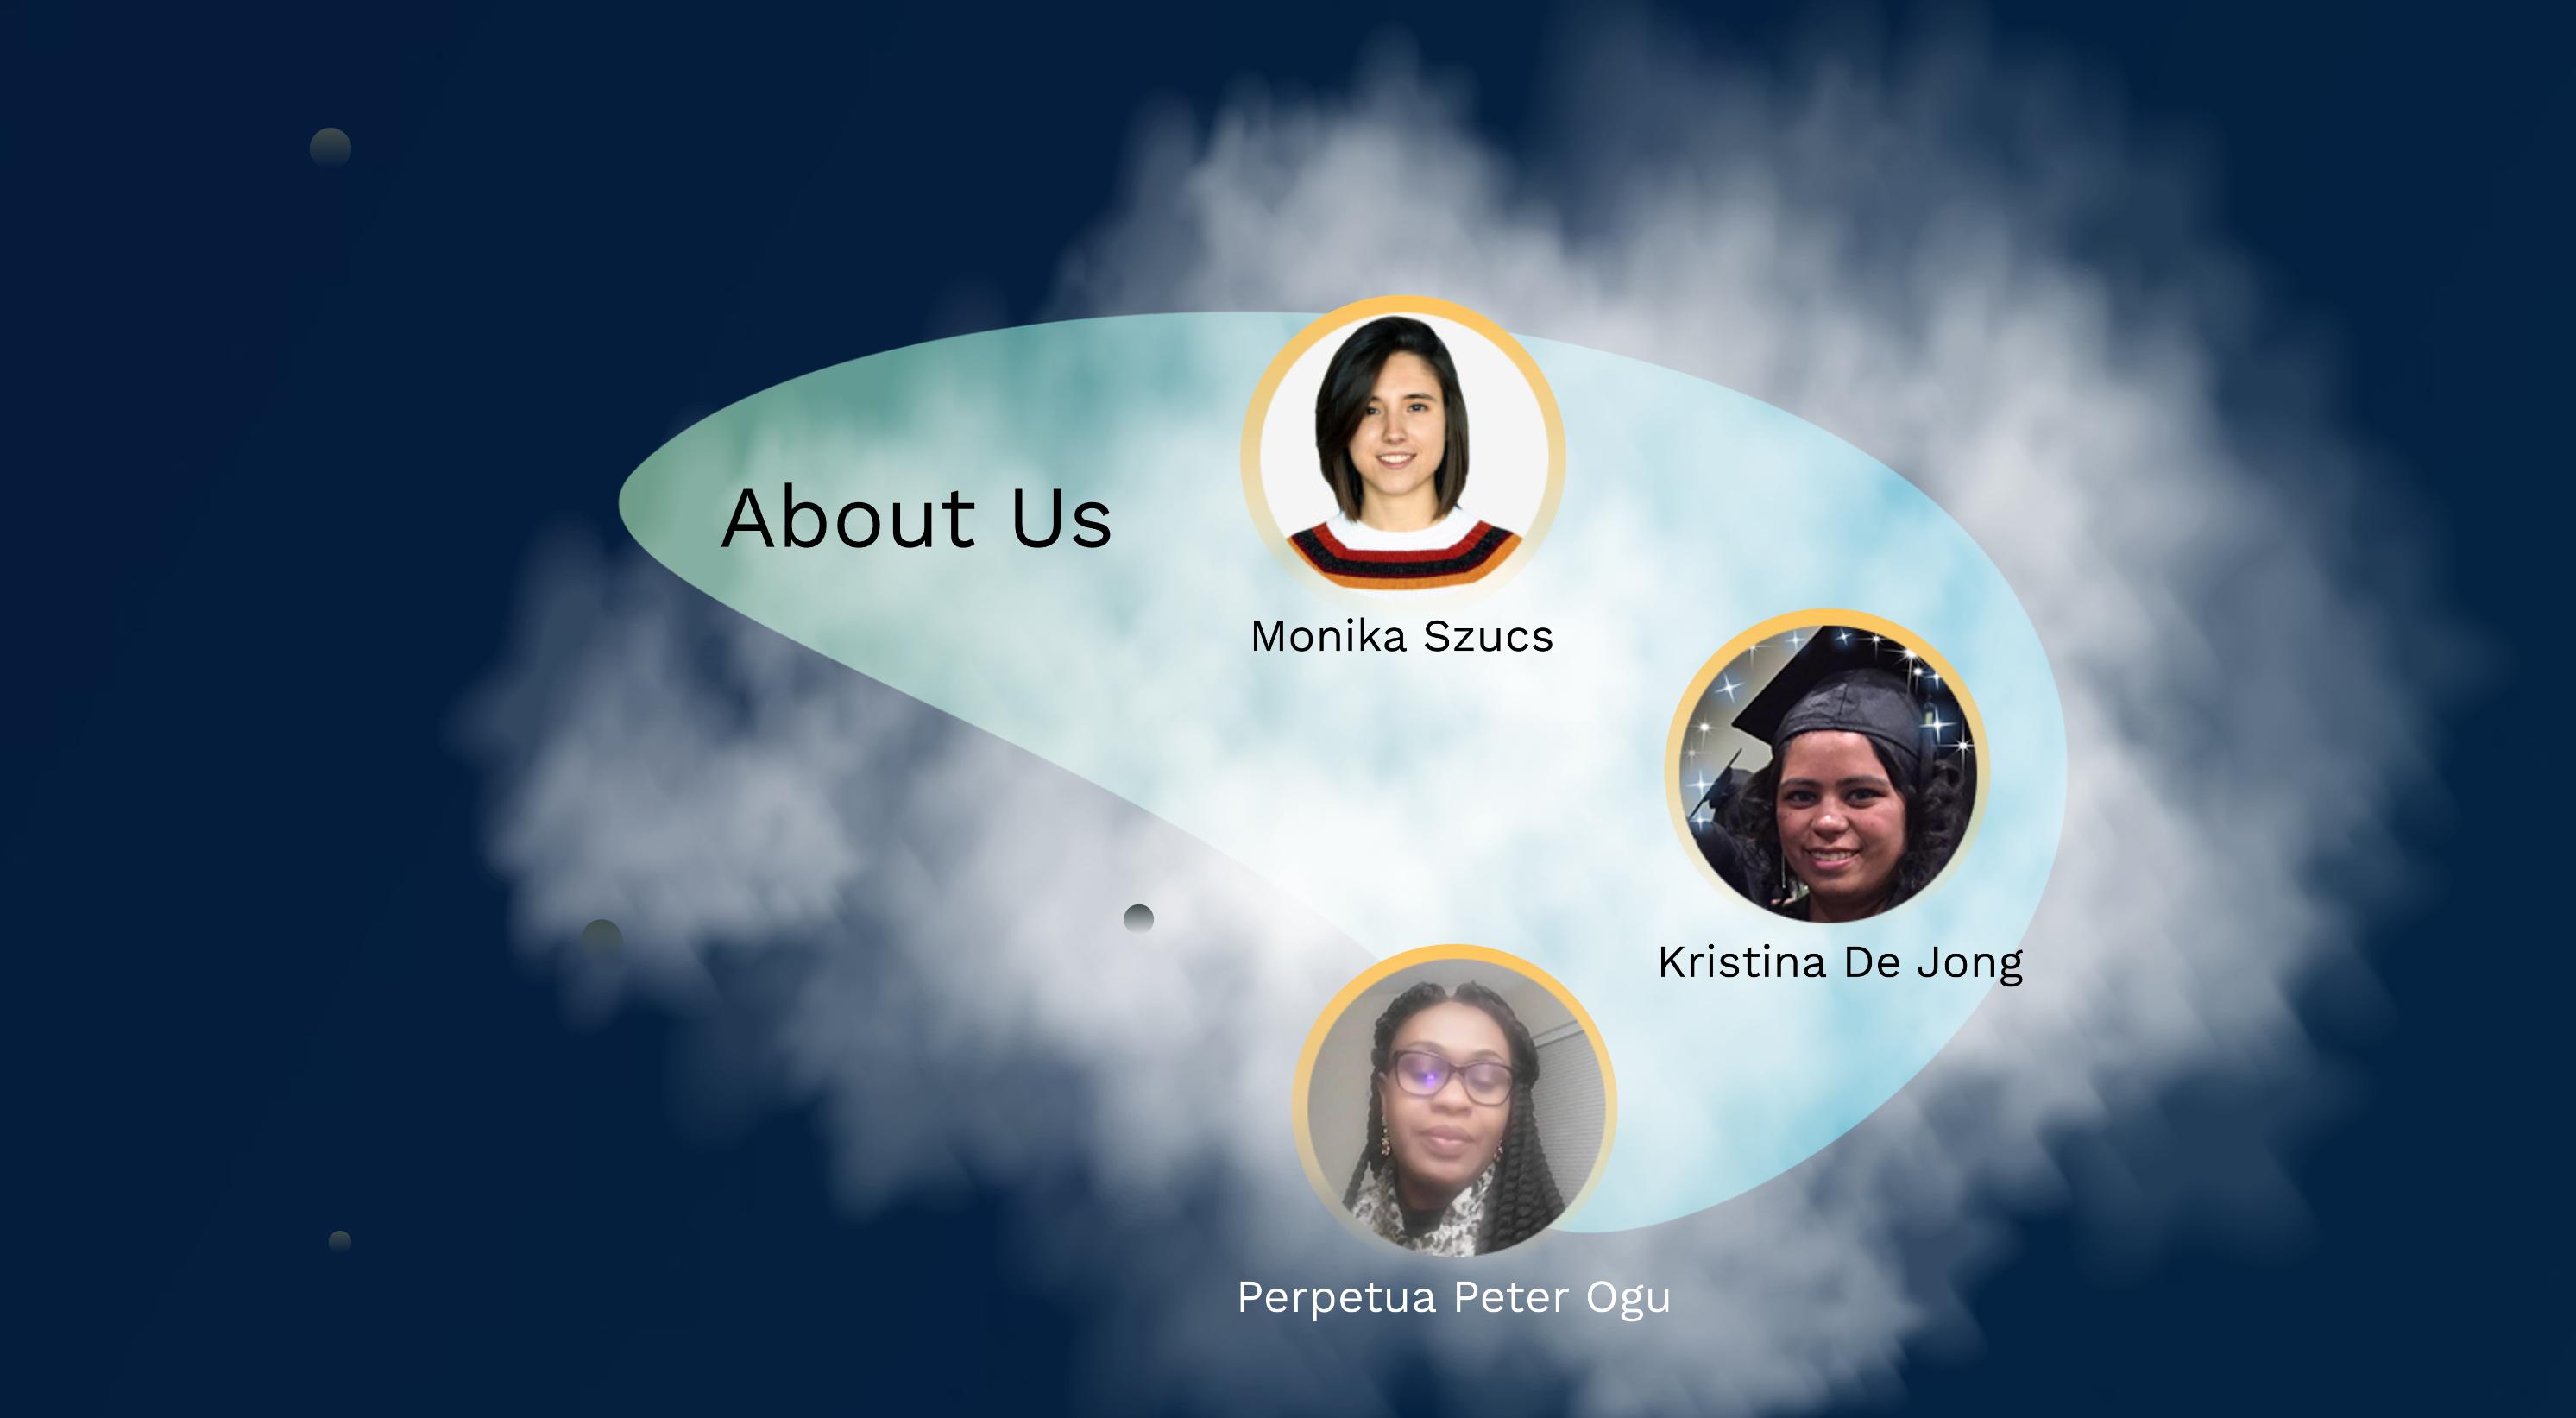 Dreams Psychology Prezi Presentation for BCIT Psyc 1101 Burnaby | Monika Szucs